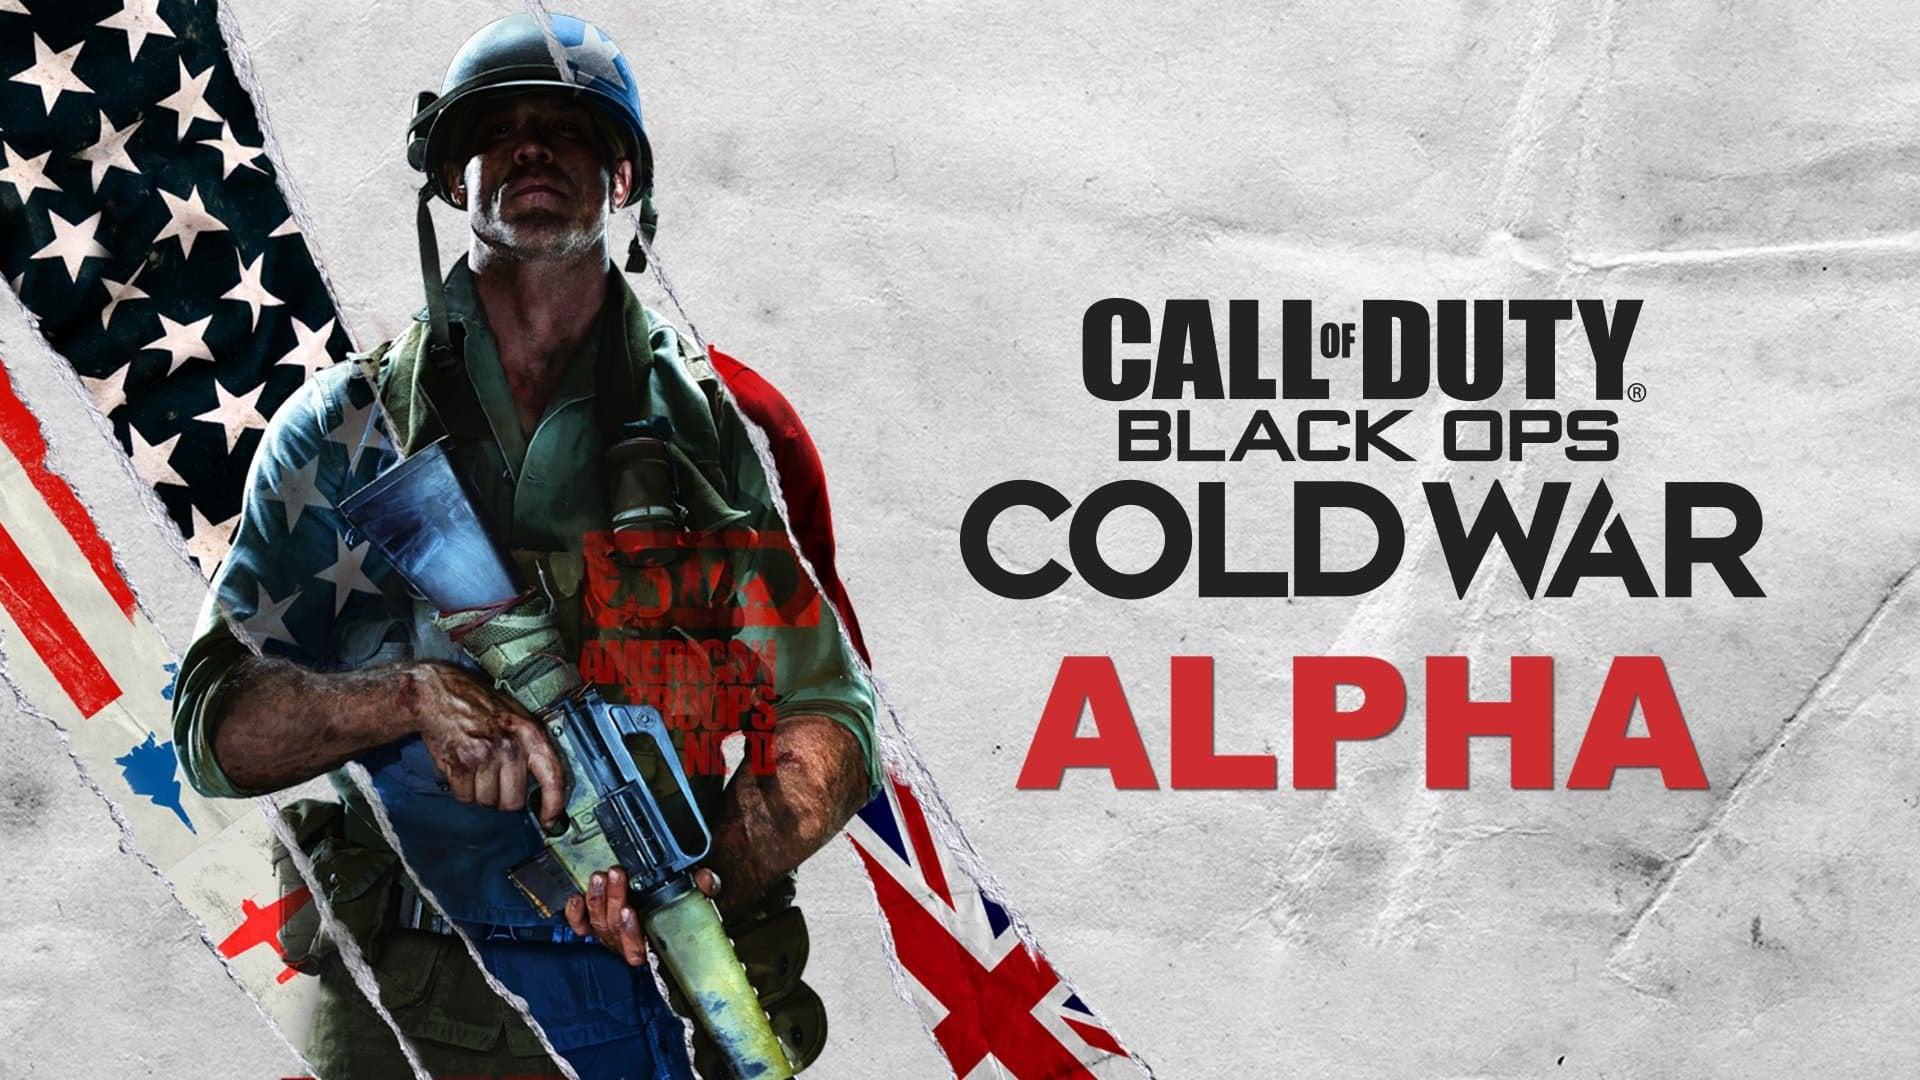 La versión Alpha de Call of Duty: Black Ops Cold War ya está disponible: cómo descargarla en PS4